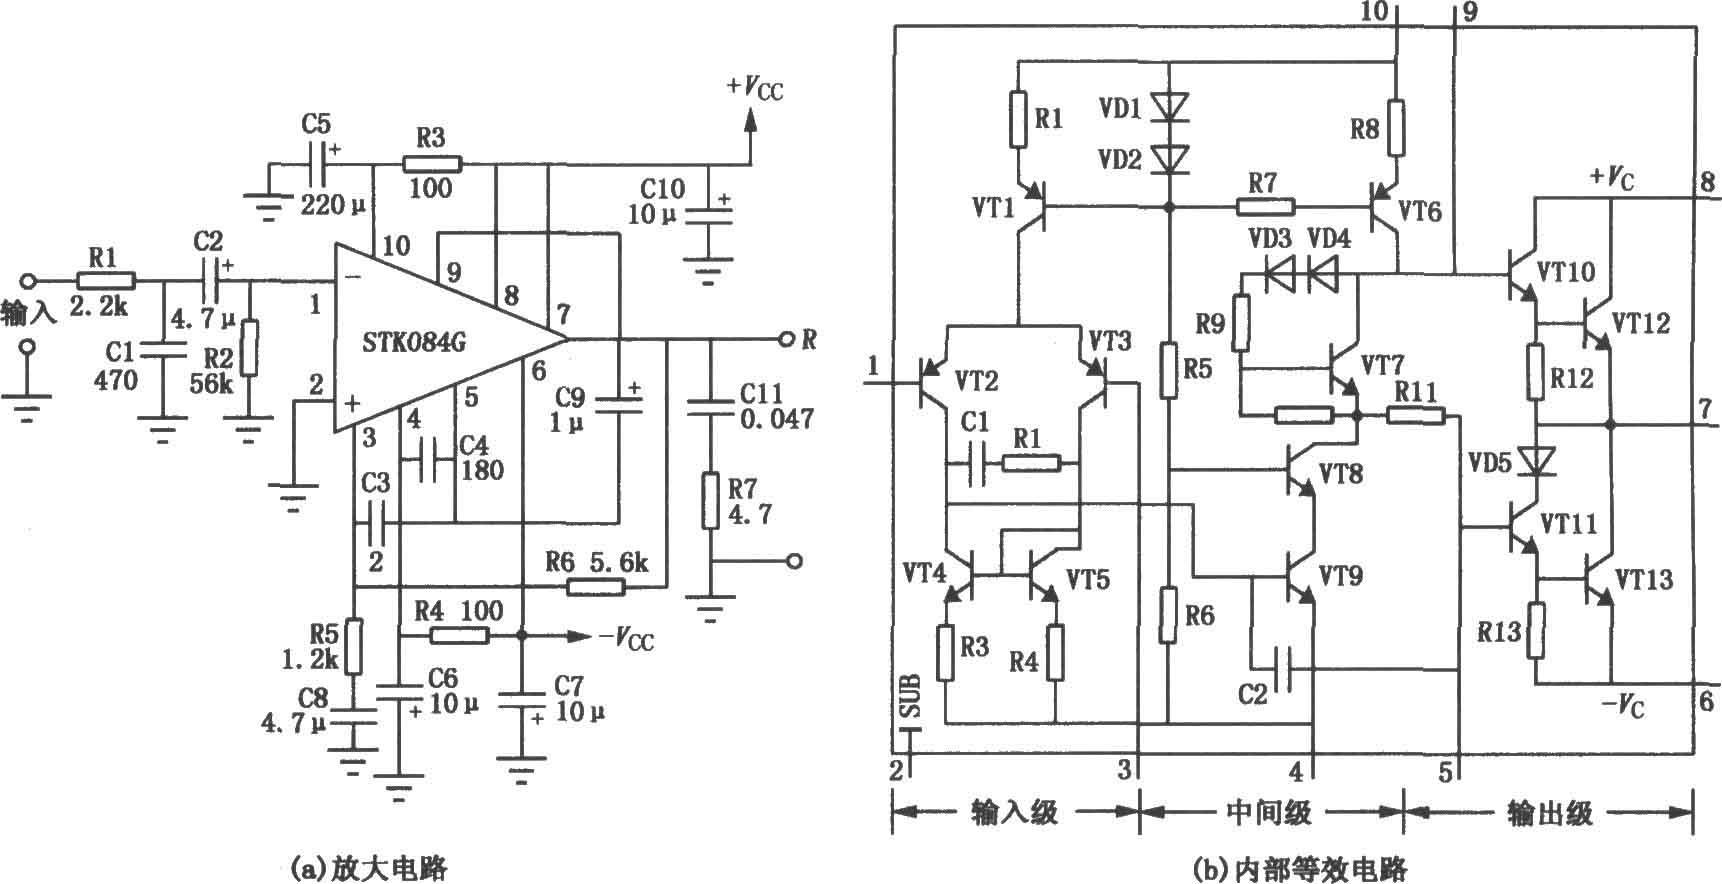 图(a)是由stk084g厚膜功放构成的50w输出功率放大电路.